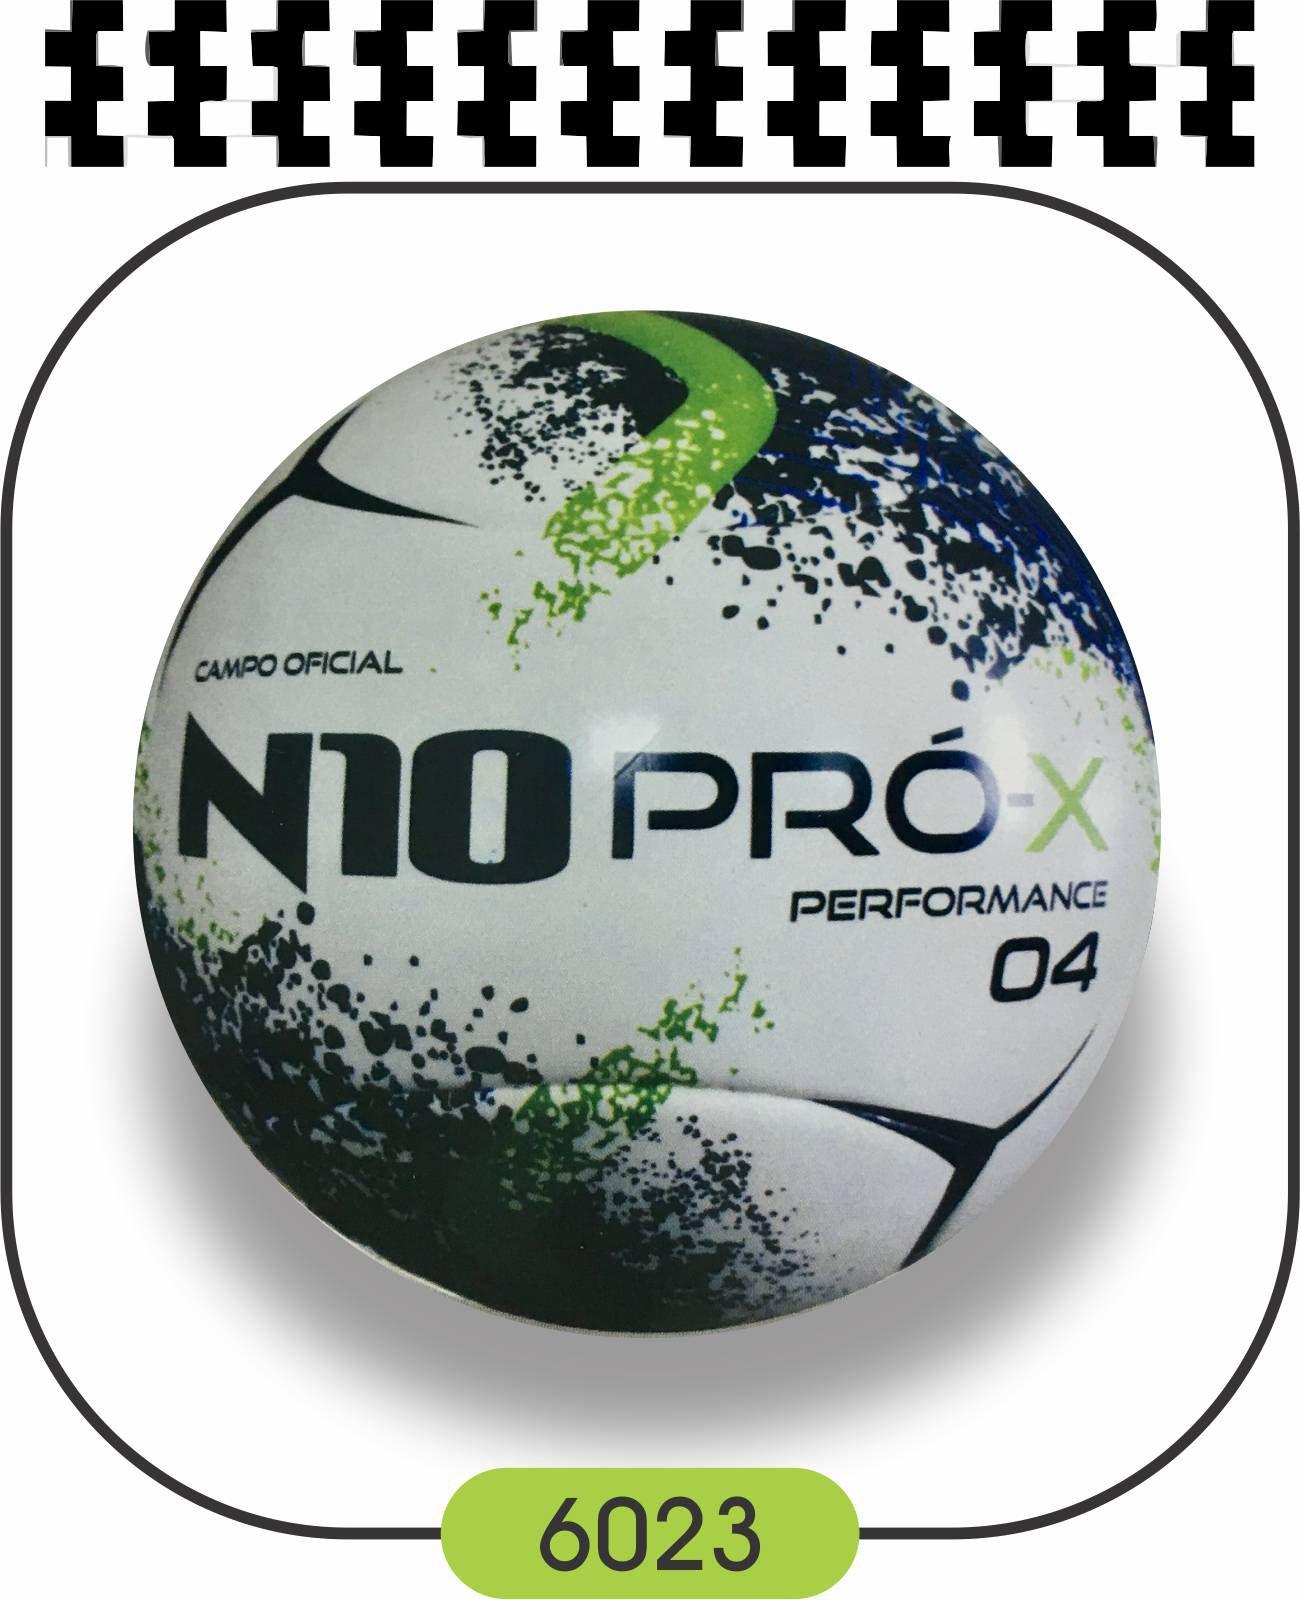 Bola de futebol de campo 04 - Performance termofusy  - Bolas Lassabia - Bolas e Brindes Personalizados